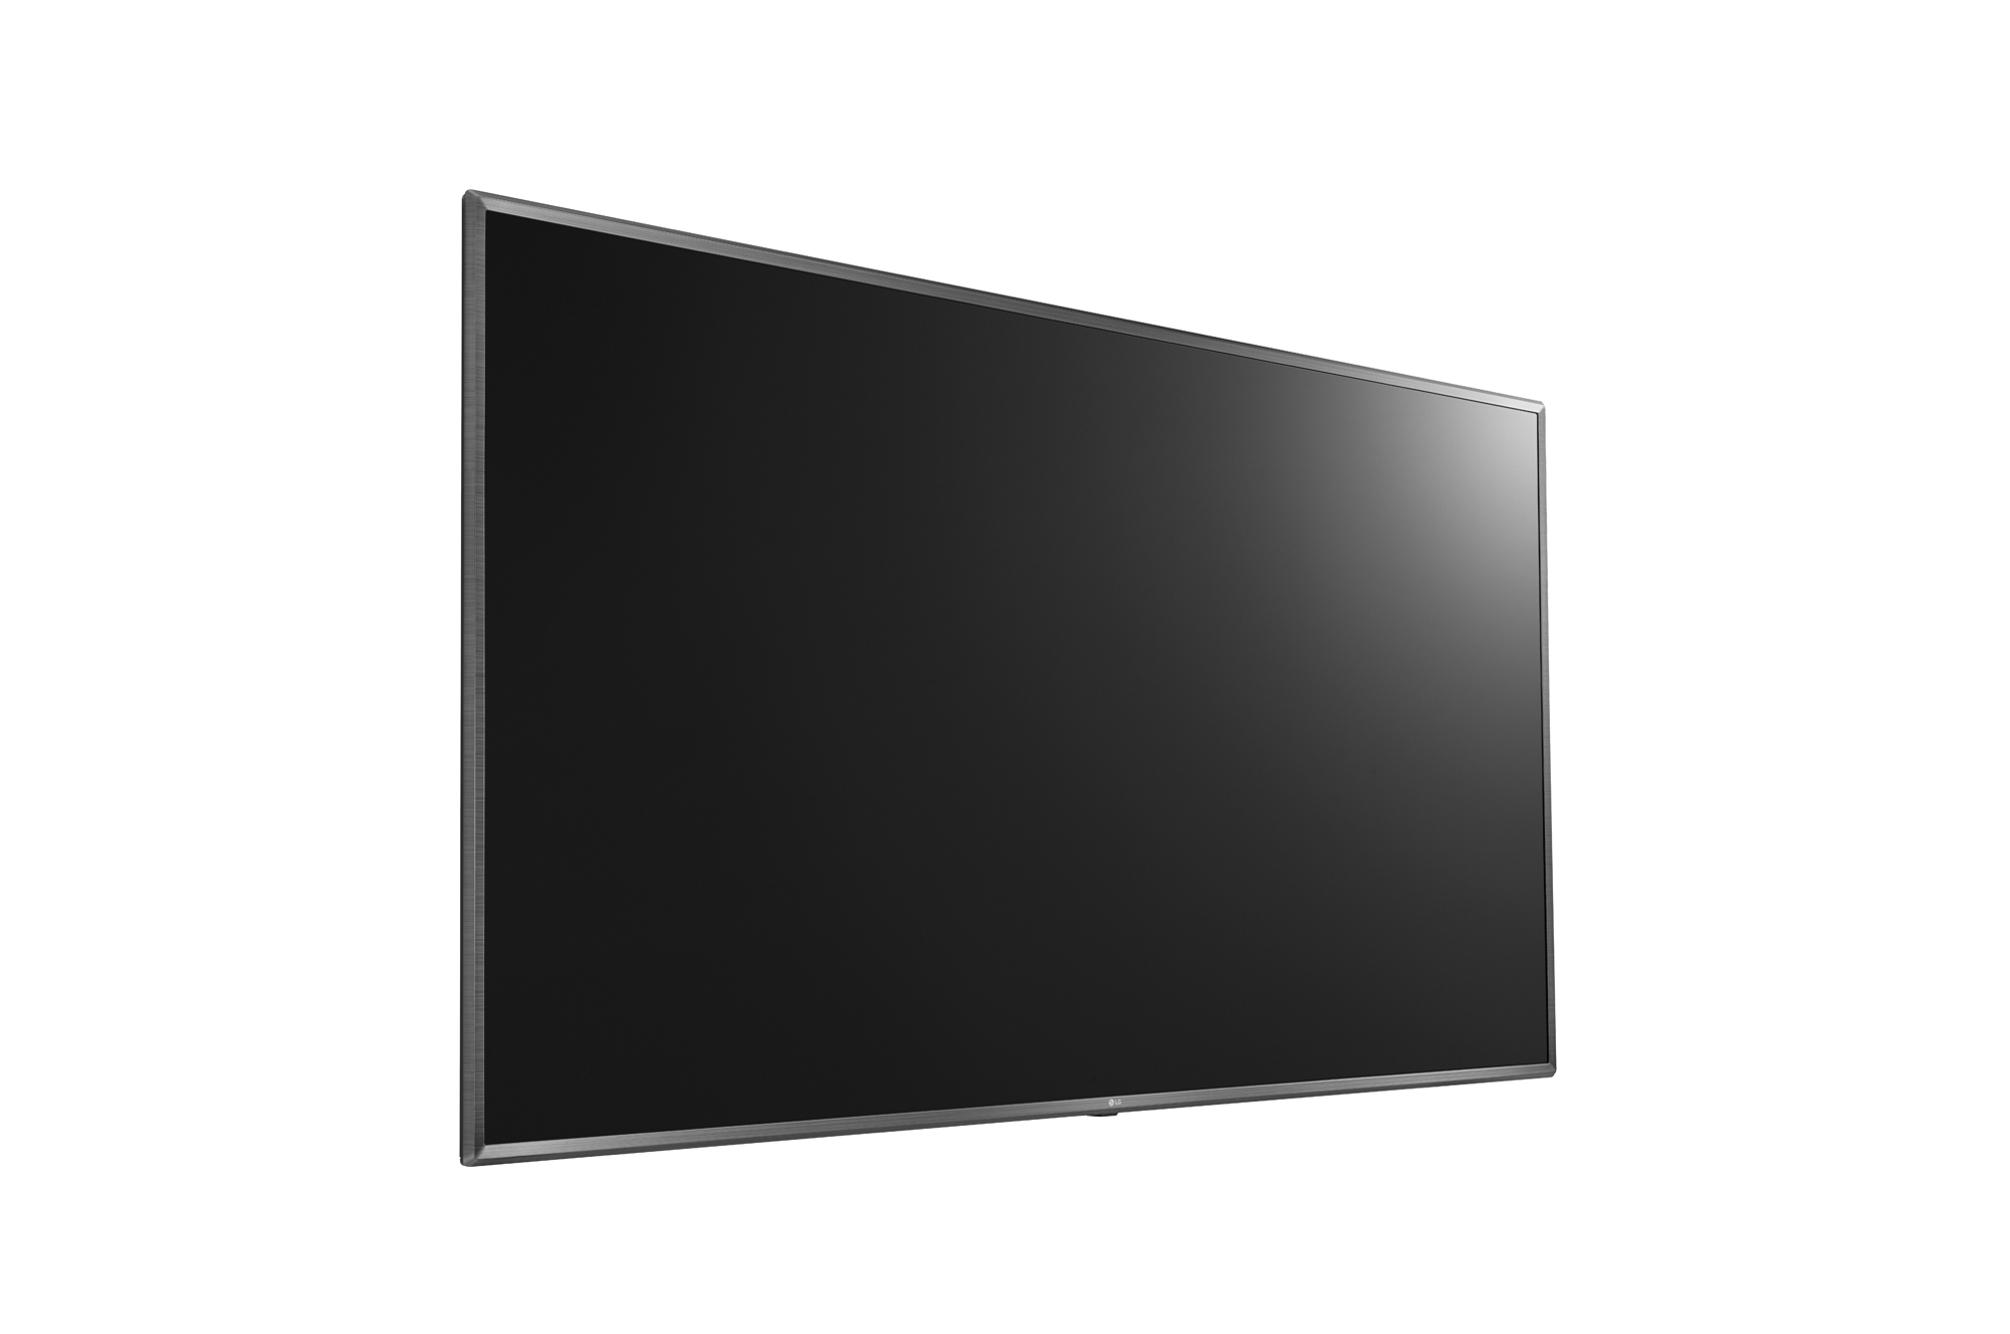 LG Standard Premium 86UL3G-B 6